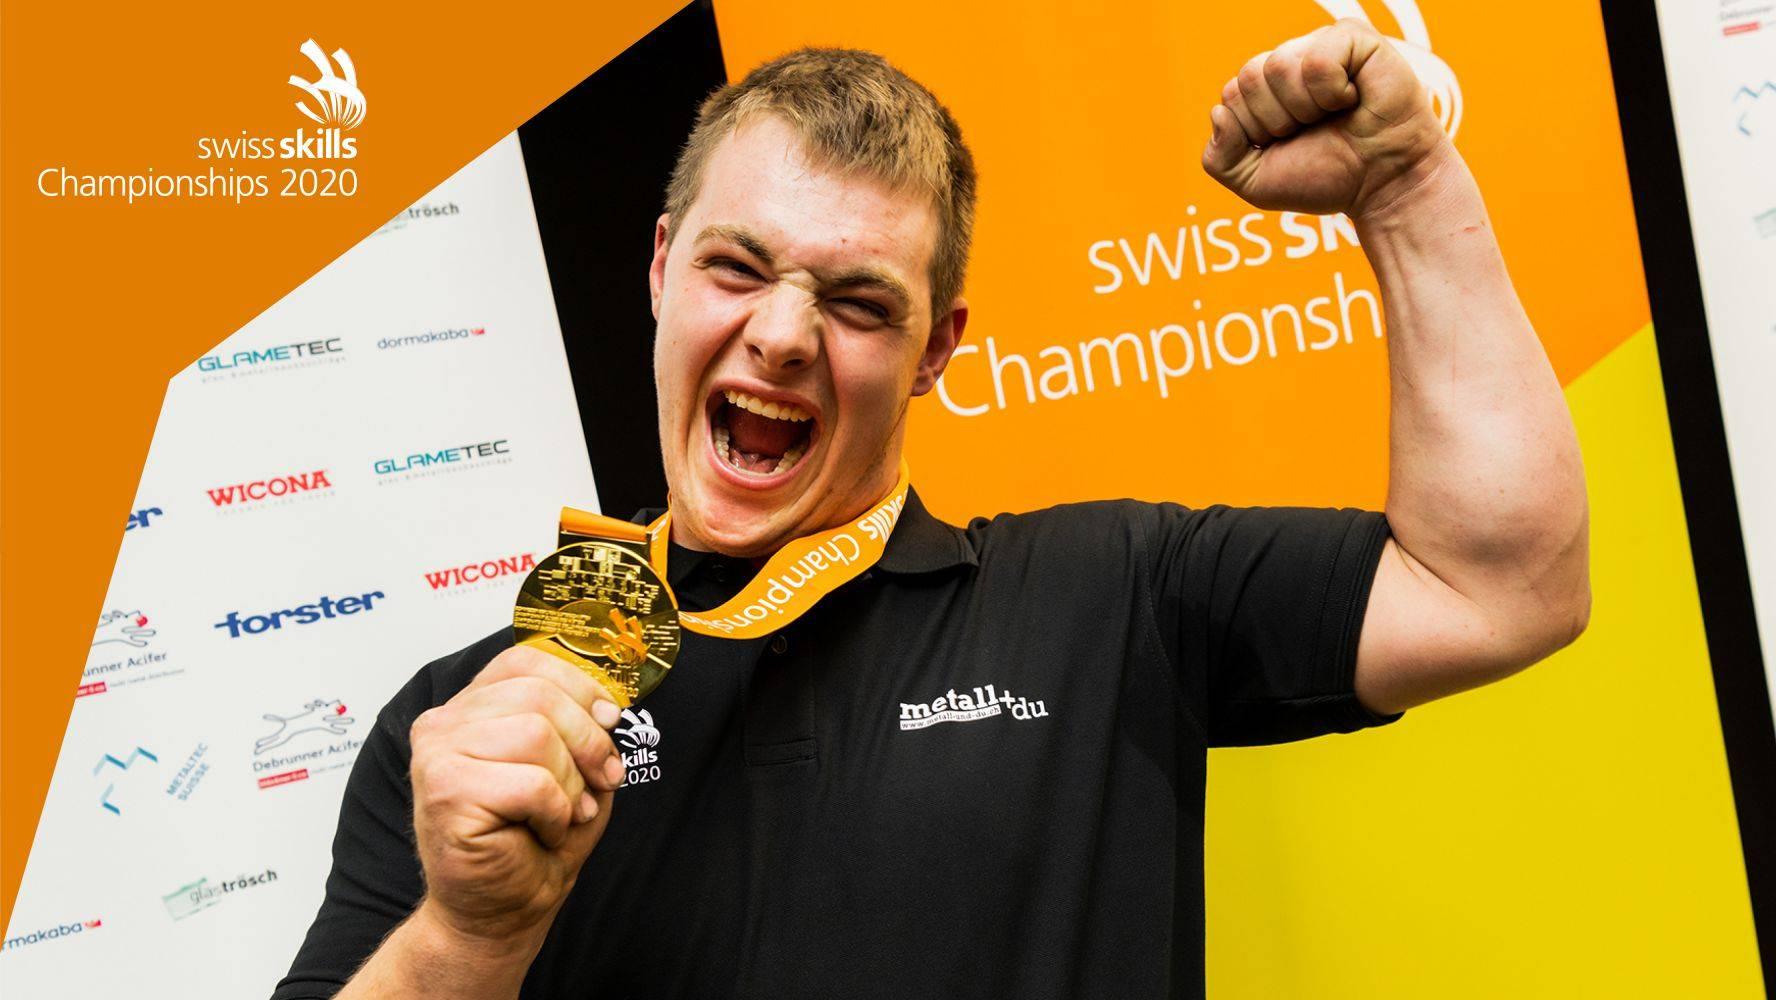 Lars Rotach ist der erste Champion 2020.